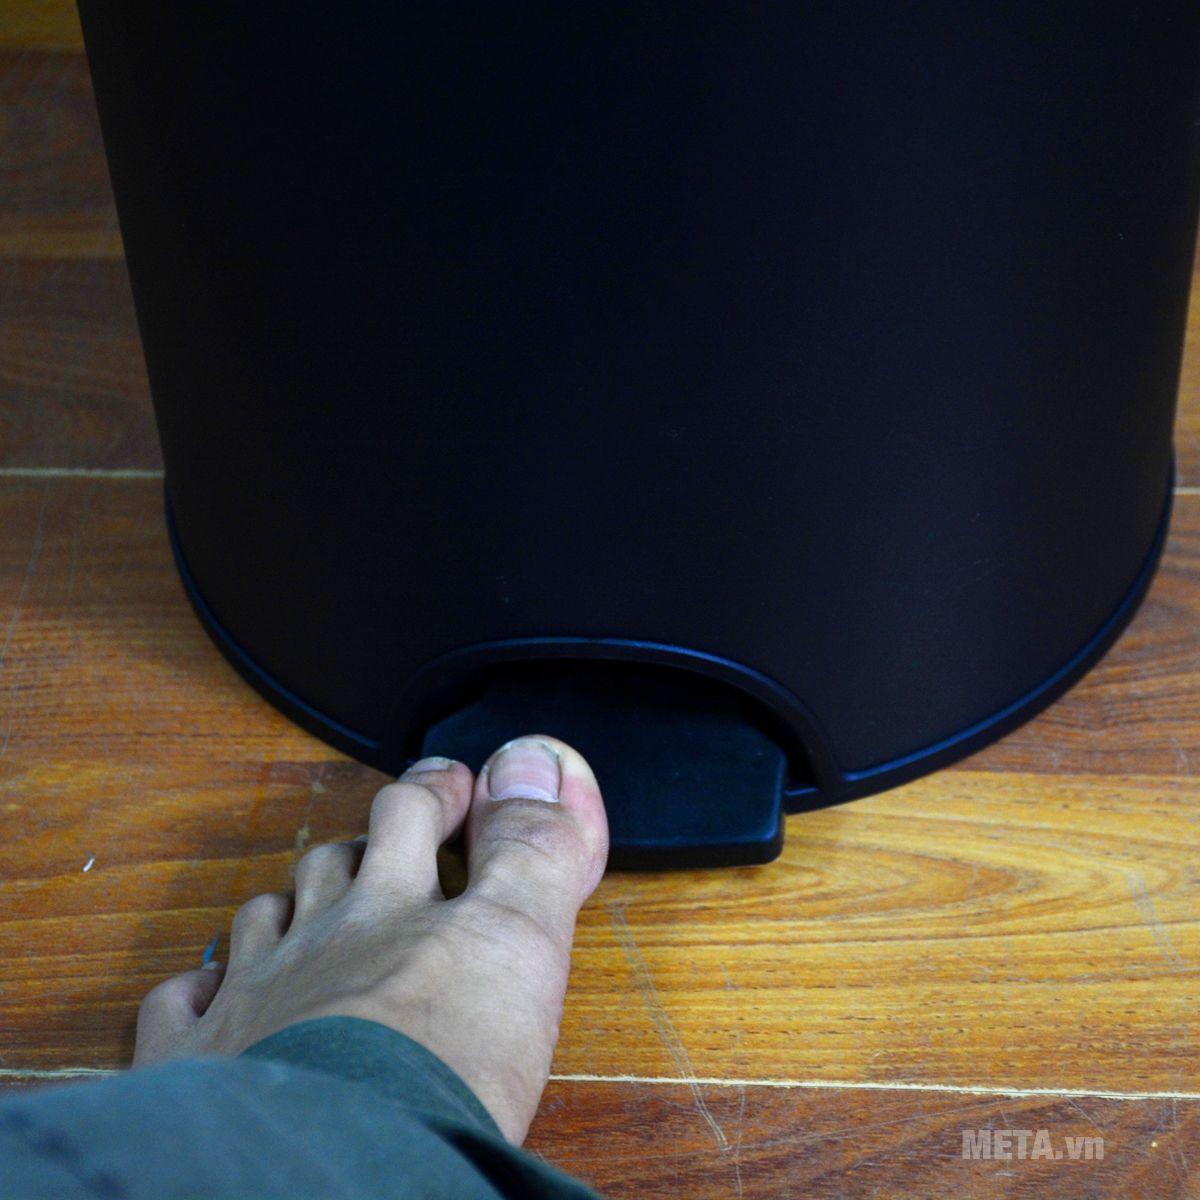 Thùng rác chống khuẩn Fitis RPL1-903 có bàn đạp chân thuận tiện